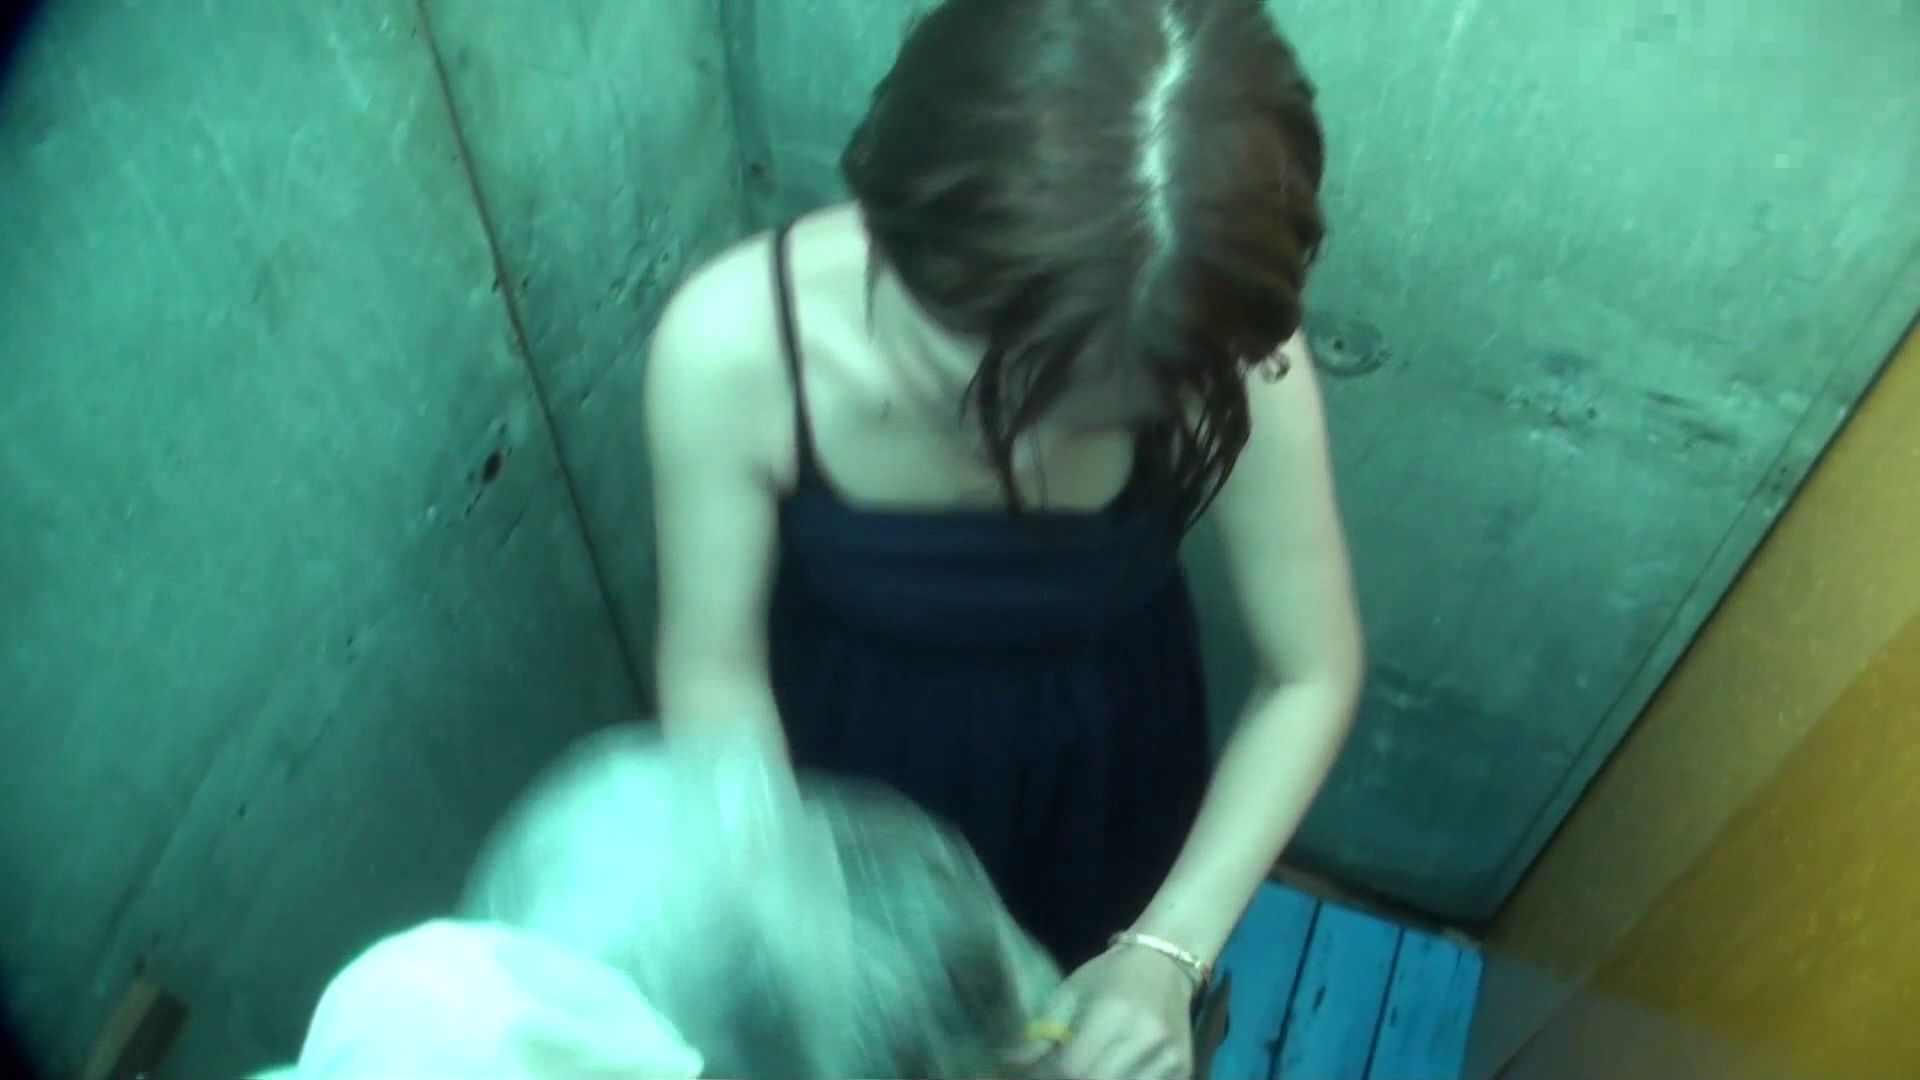 シャワールームは超!!危険な香りVol.12 女性のおまんこには予想外の砂が混入しているようです。 高画質   おまんこモロ出し  61pic 14